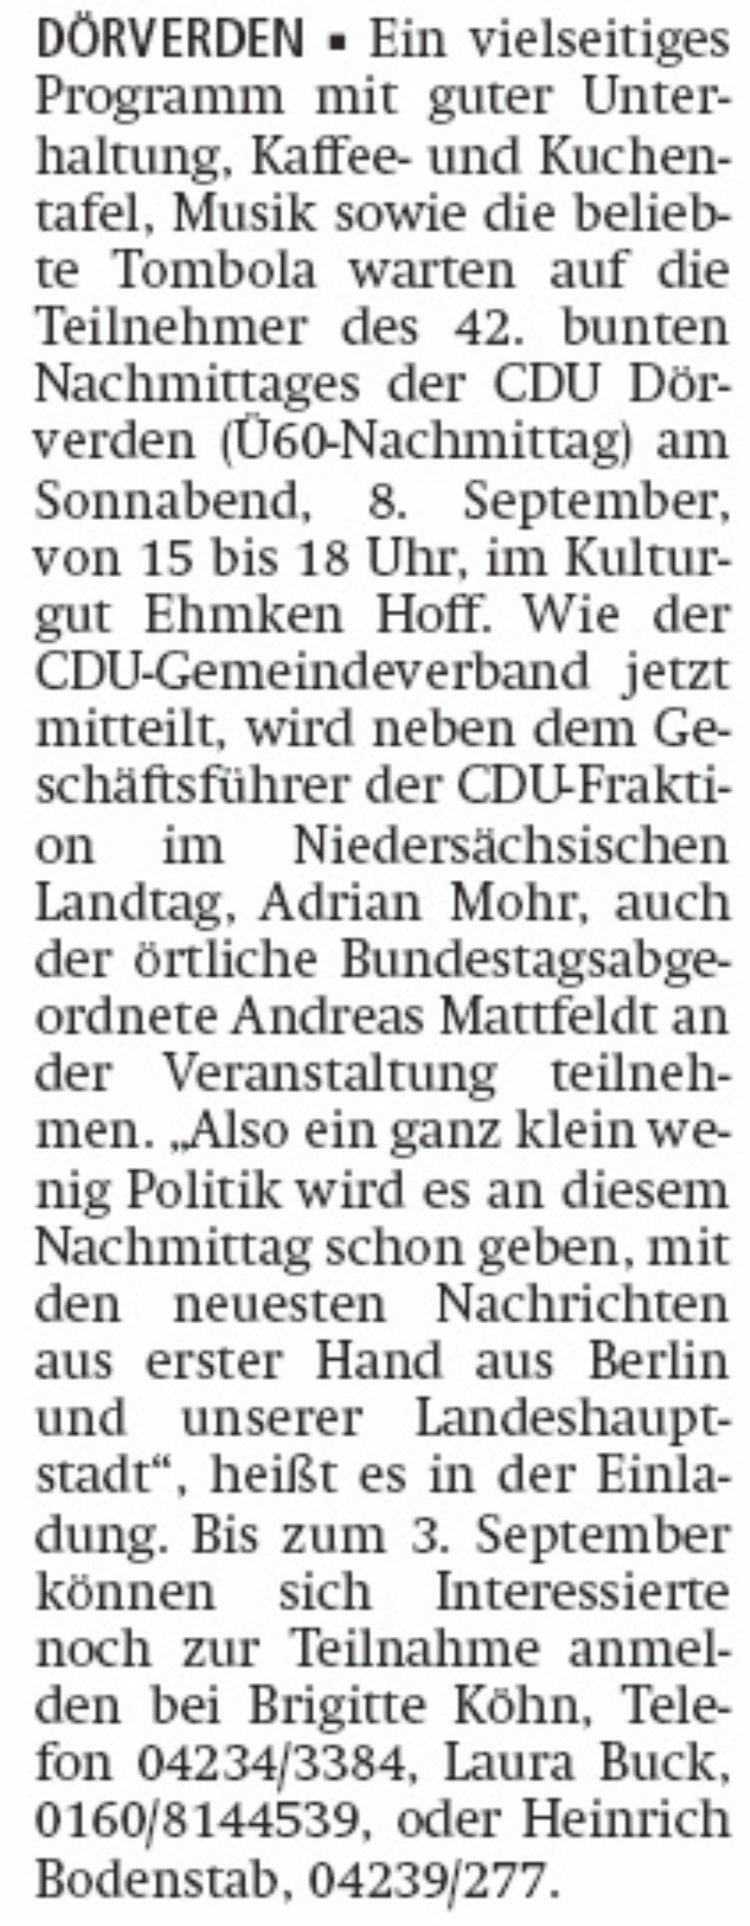 Mattfeldt beim CDU-Nachmittag